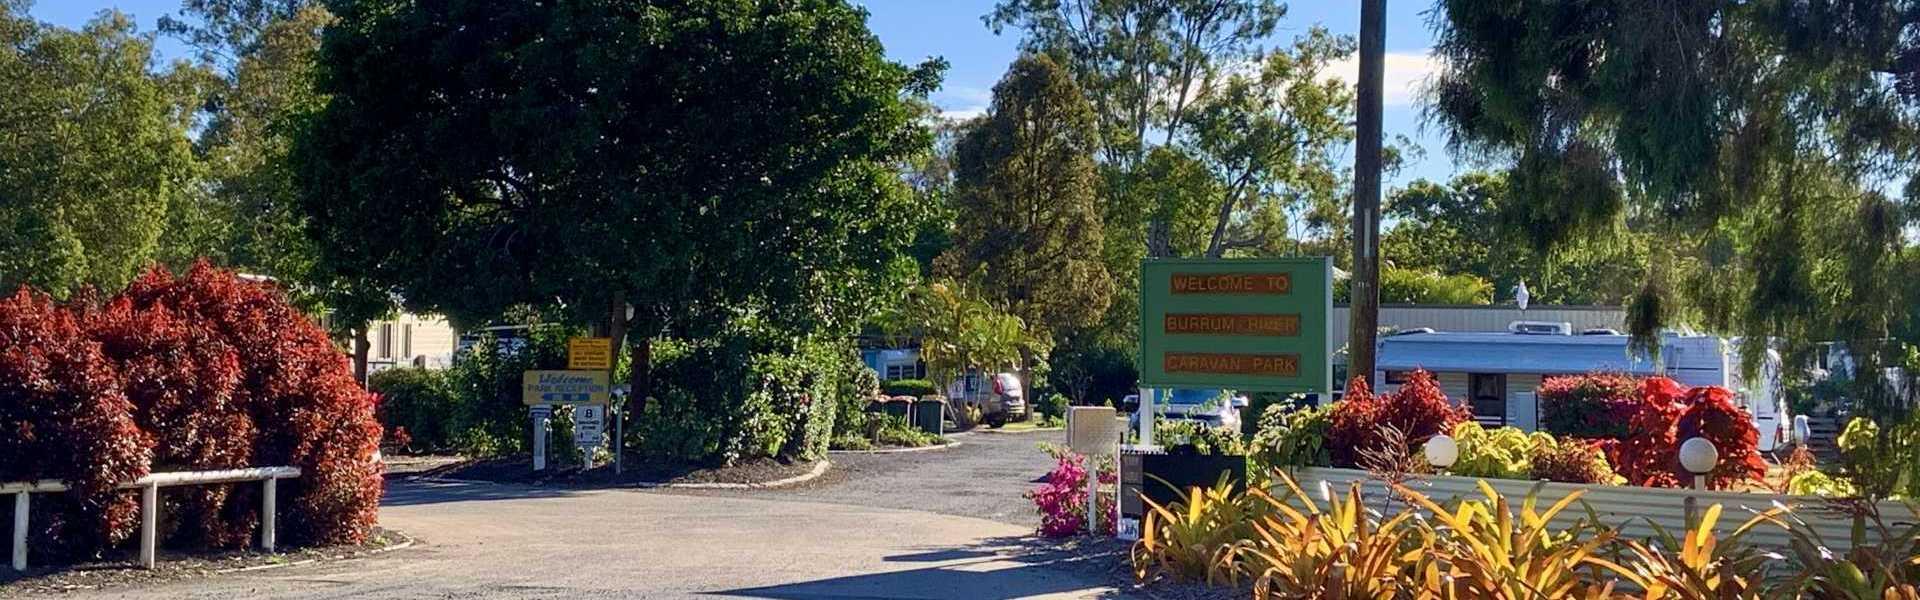 Burrum River Caravan Park Entrance